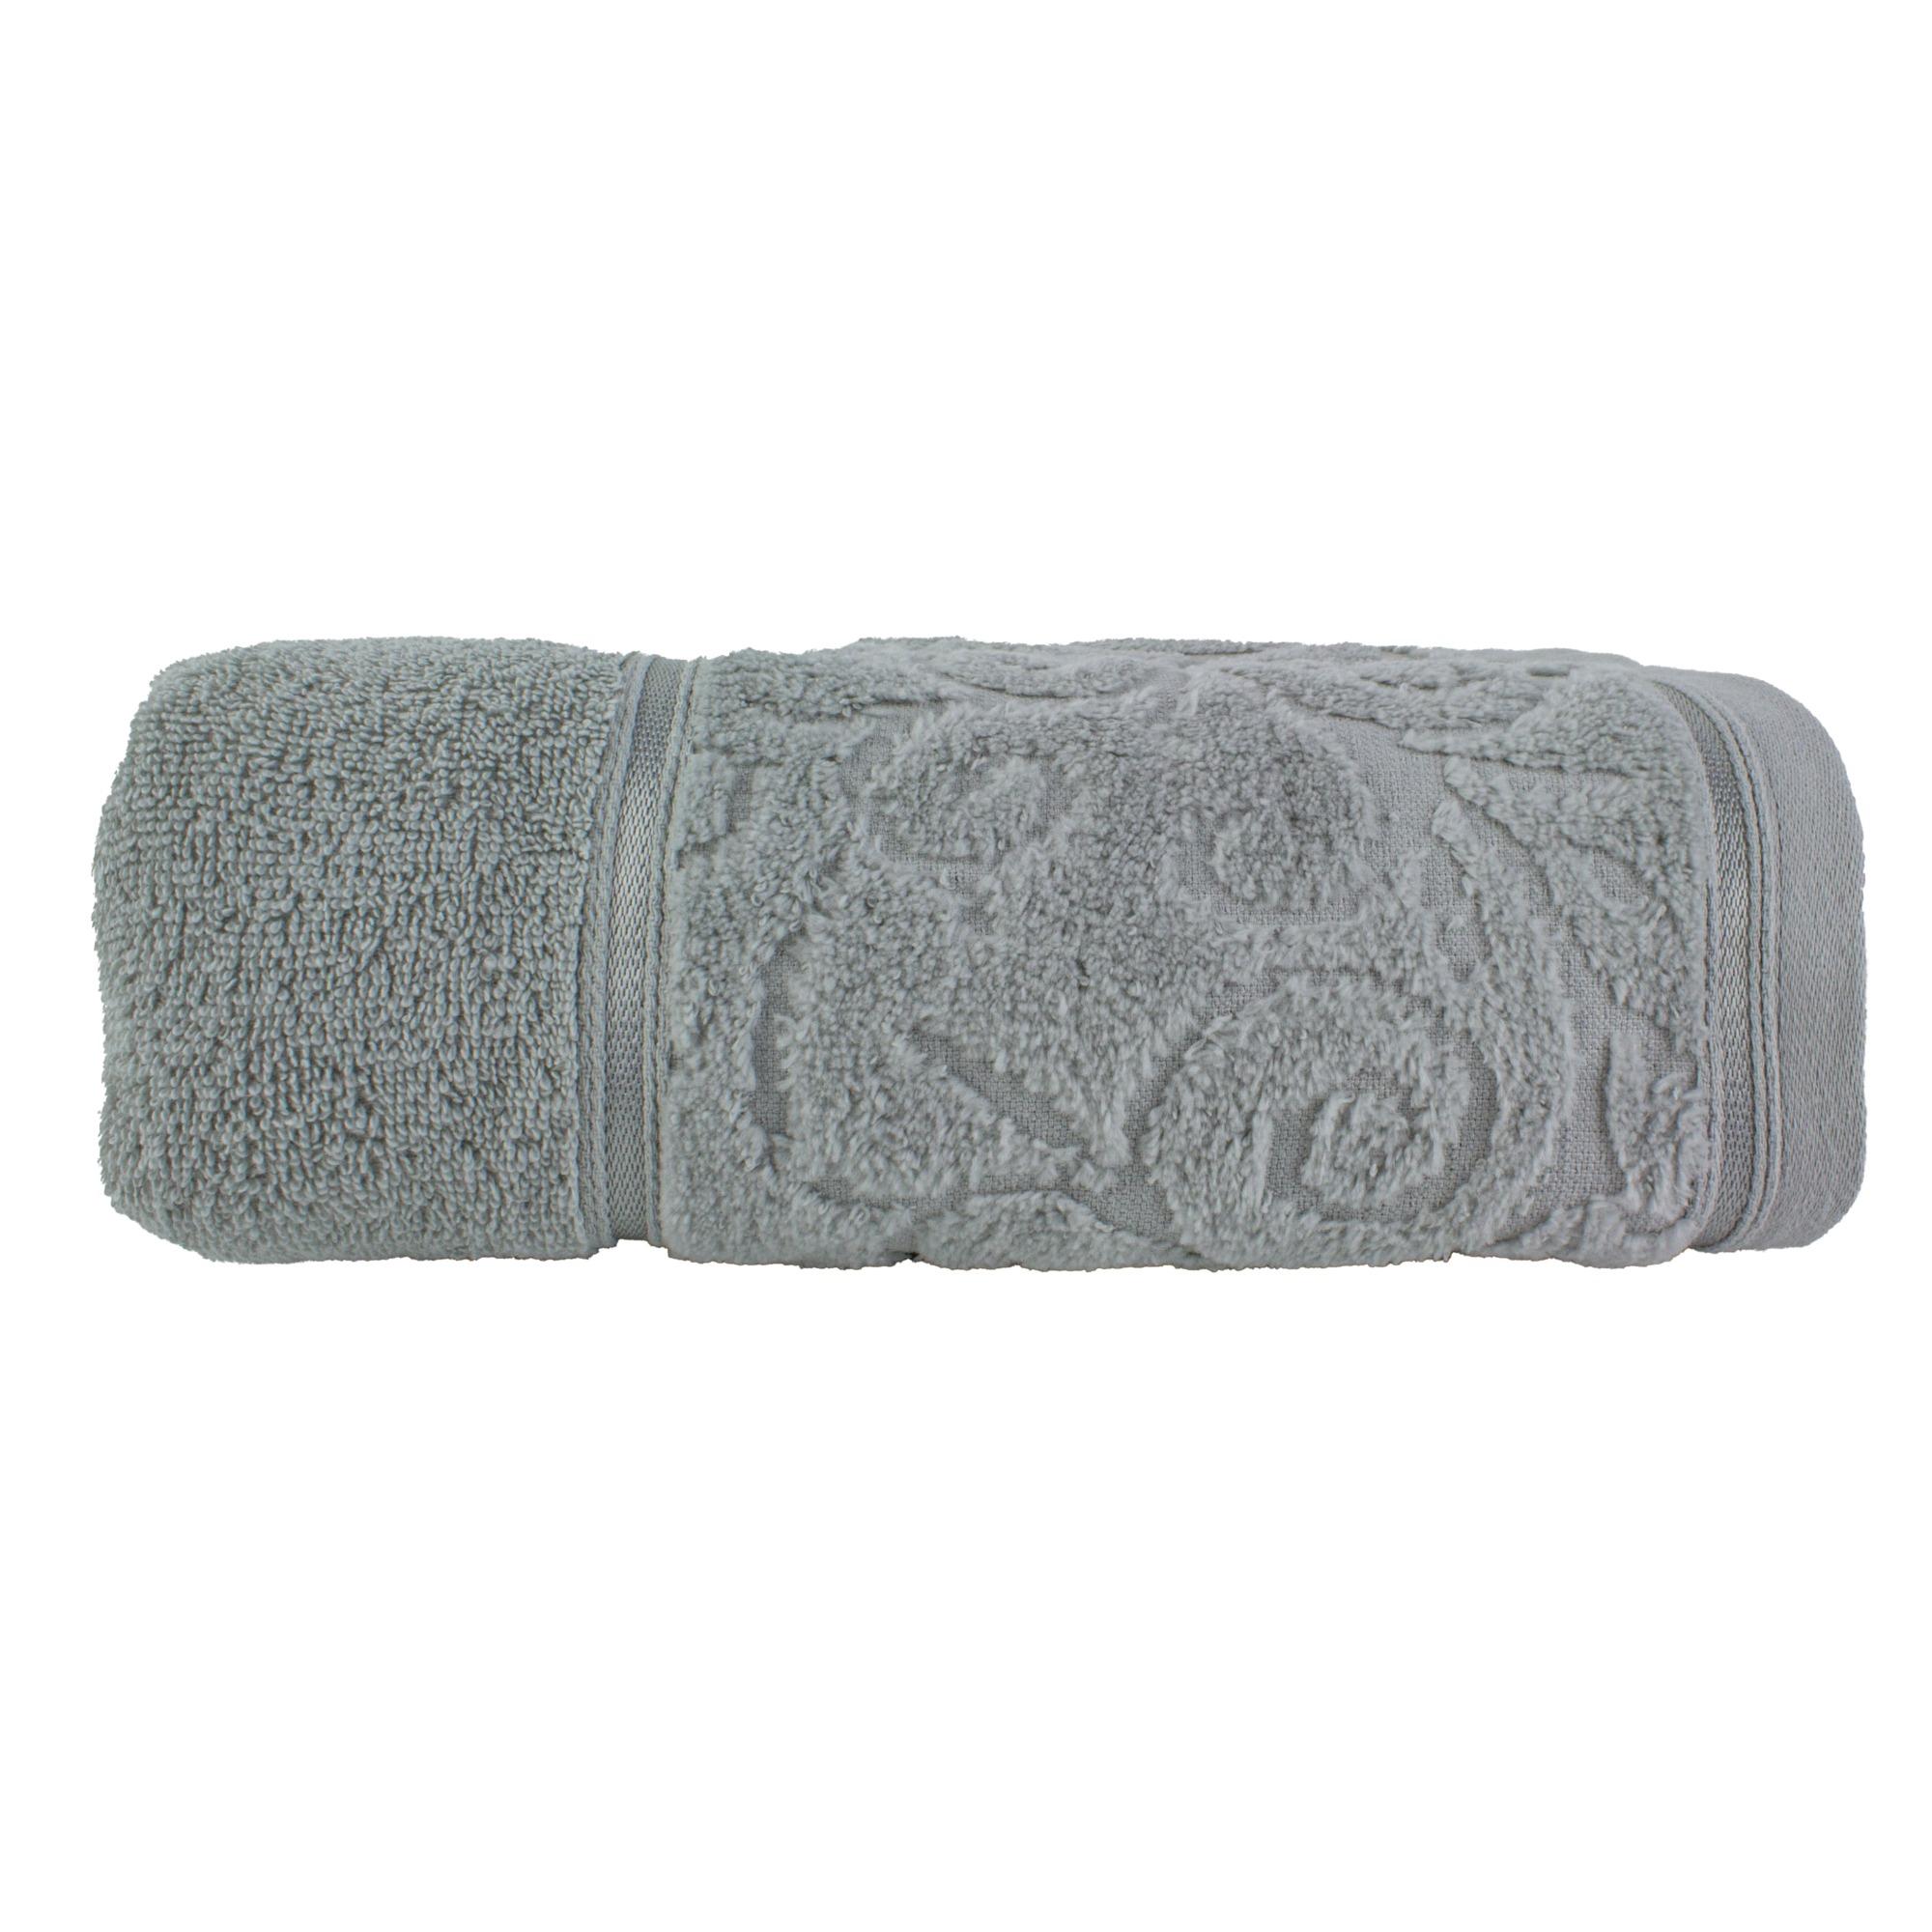 Toalha de Banho 100 Algodao 70x140 cm Cinza - Santista